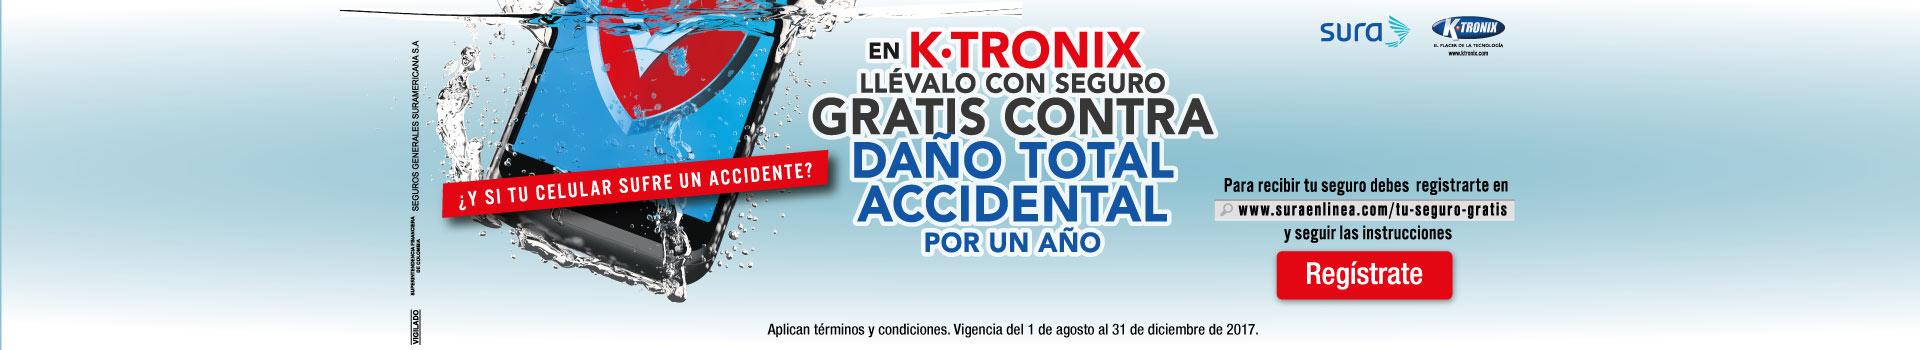 CAT KT-5-celulares- Activa tu Seguro Gratis-landing-agosto-29-diciembre-31